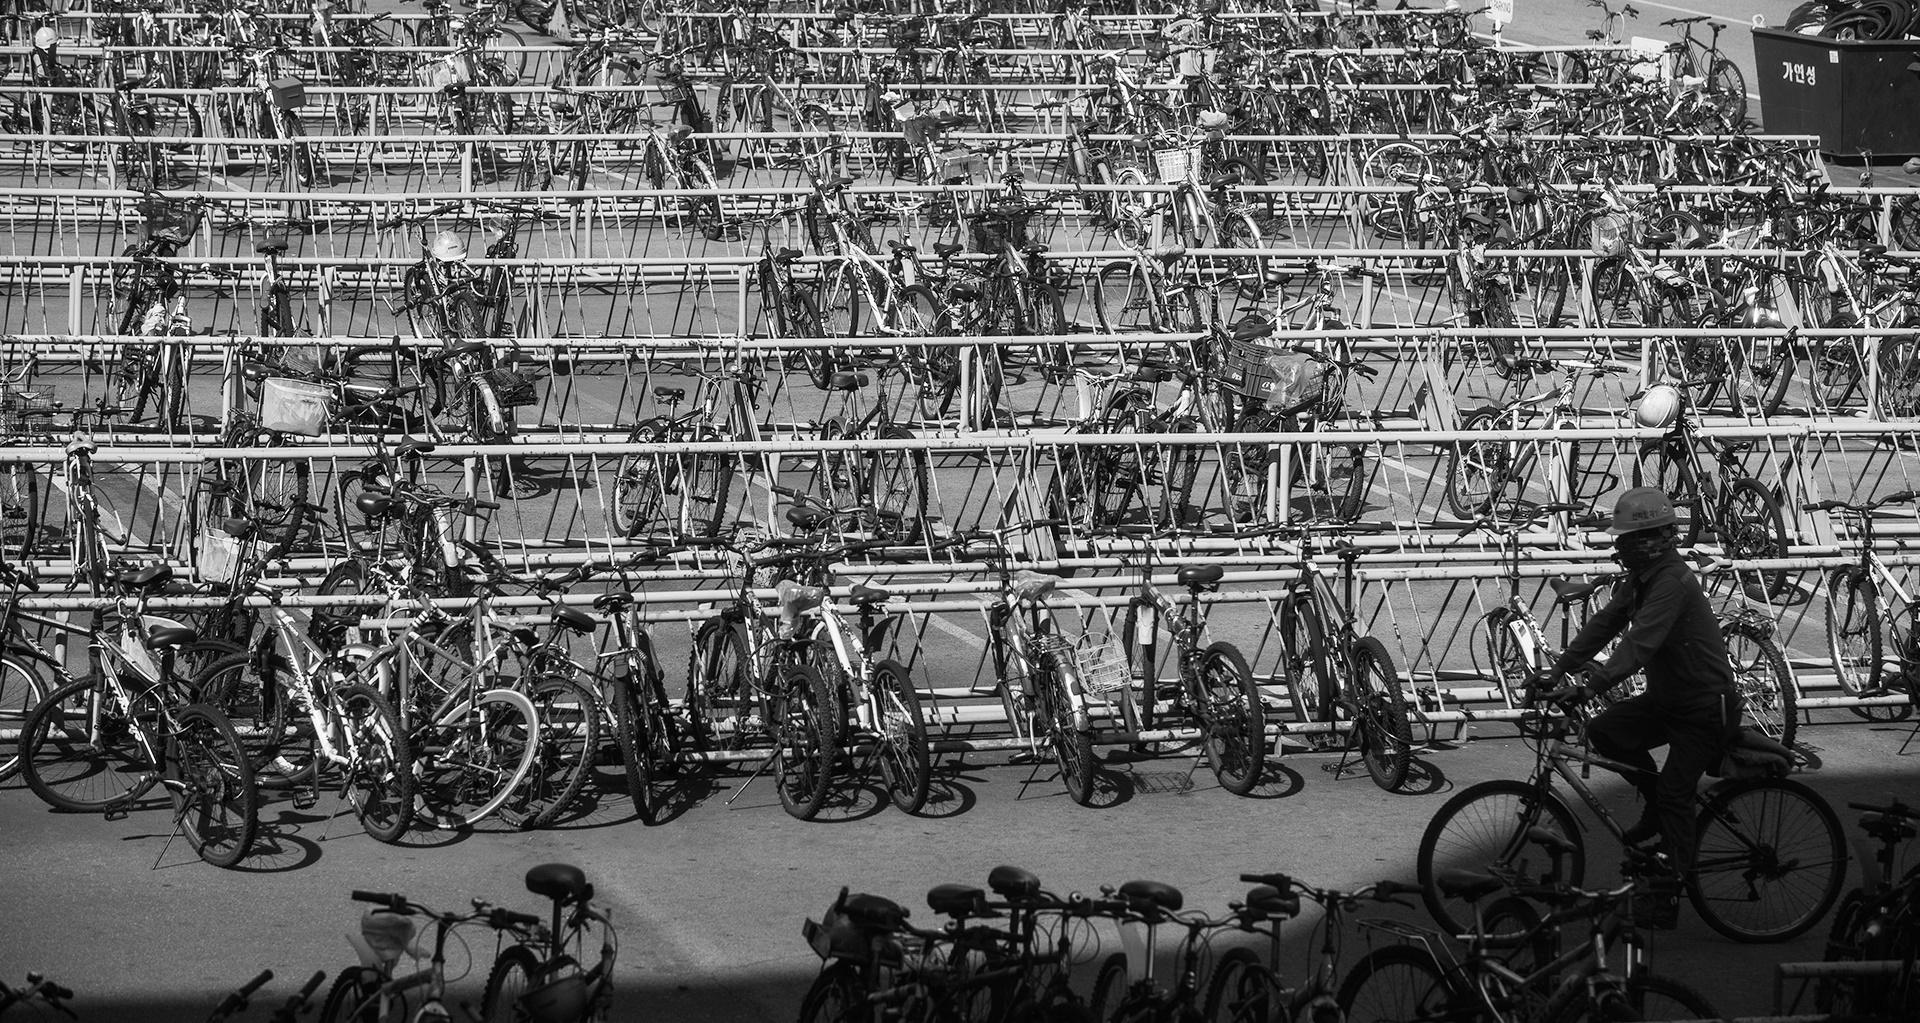 옥포조선소 내 자전거 주차장. 대규모 희망퇴직으로 빈자리가 늘었다.